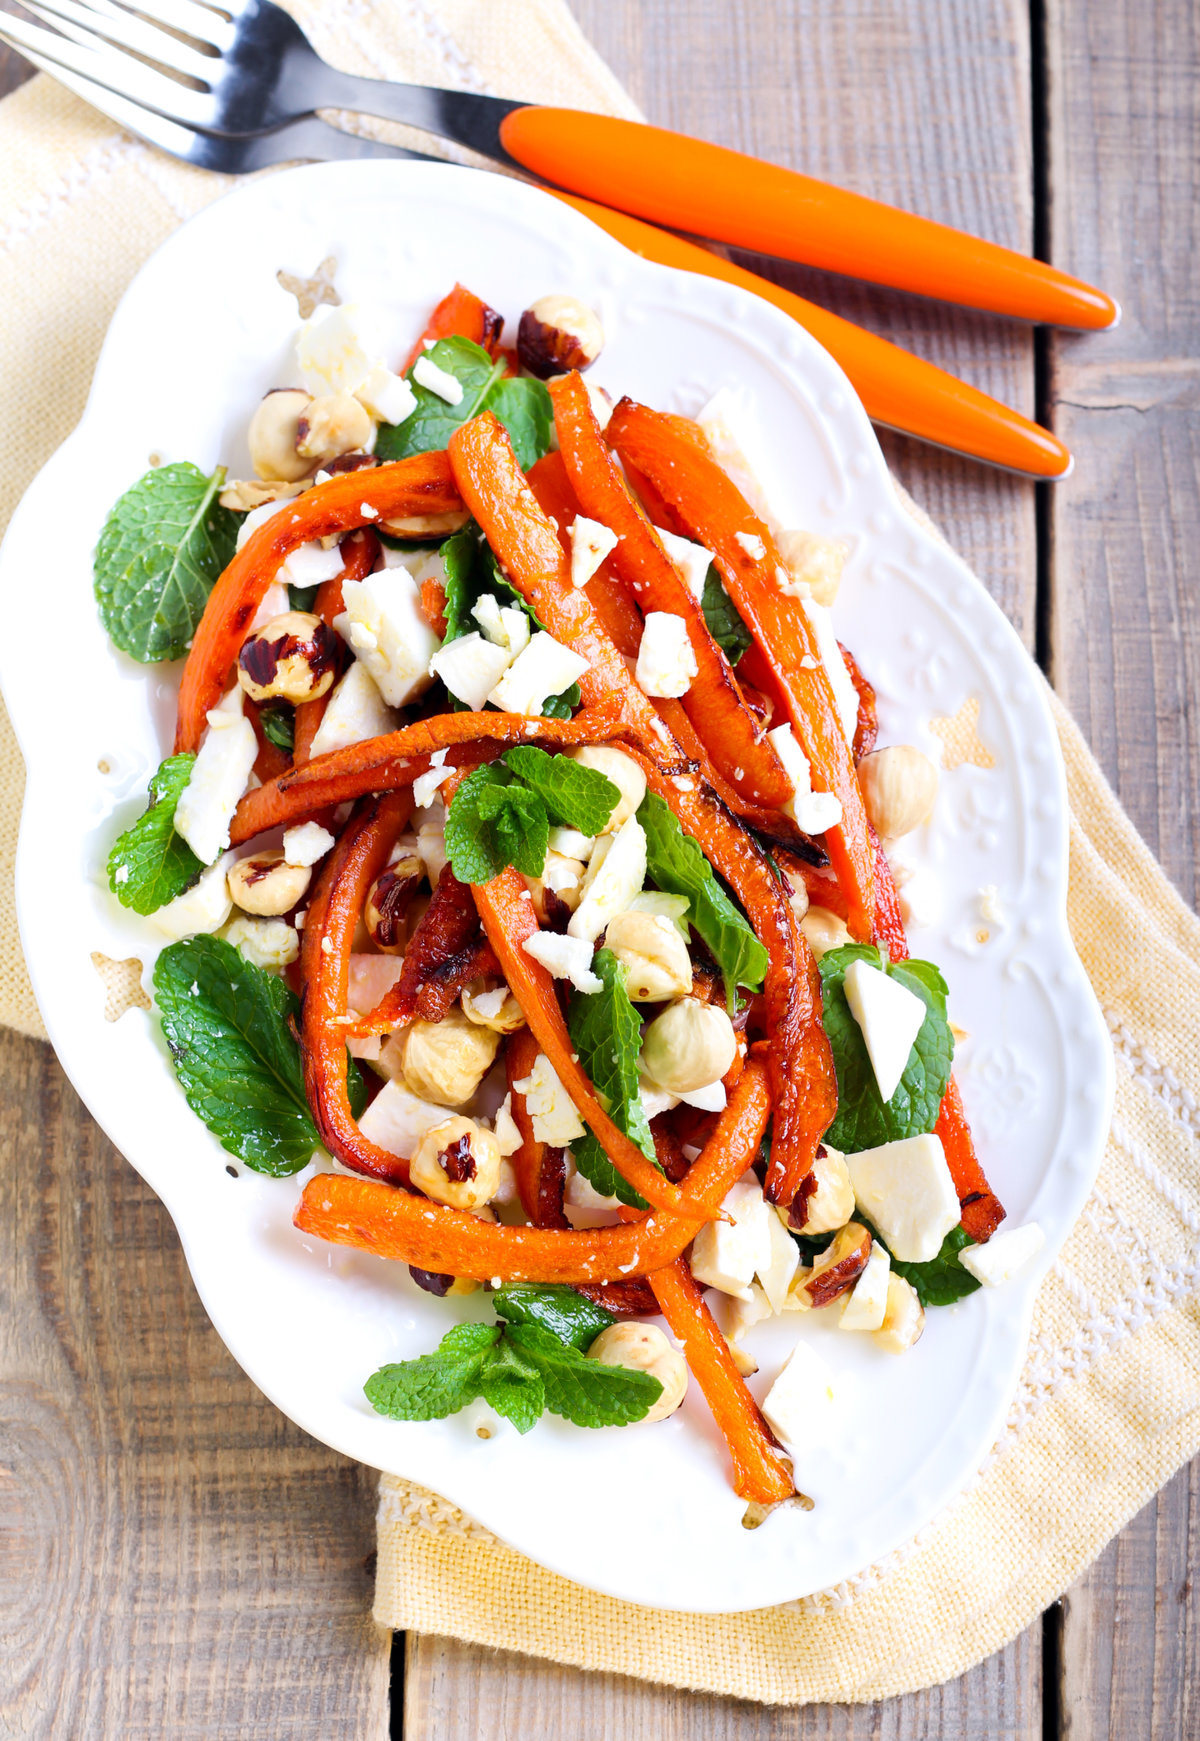 блюда для низкокалорийной диеты